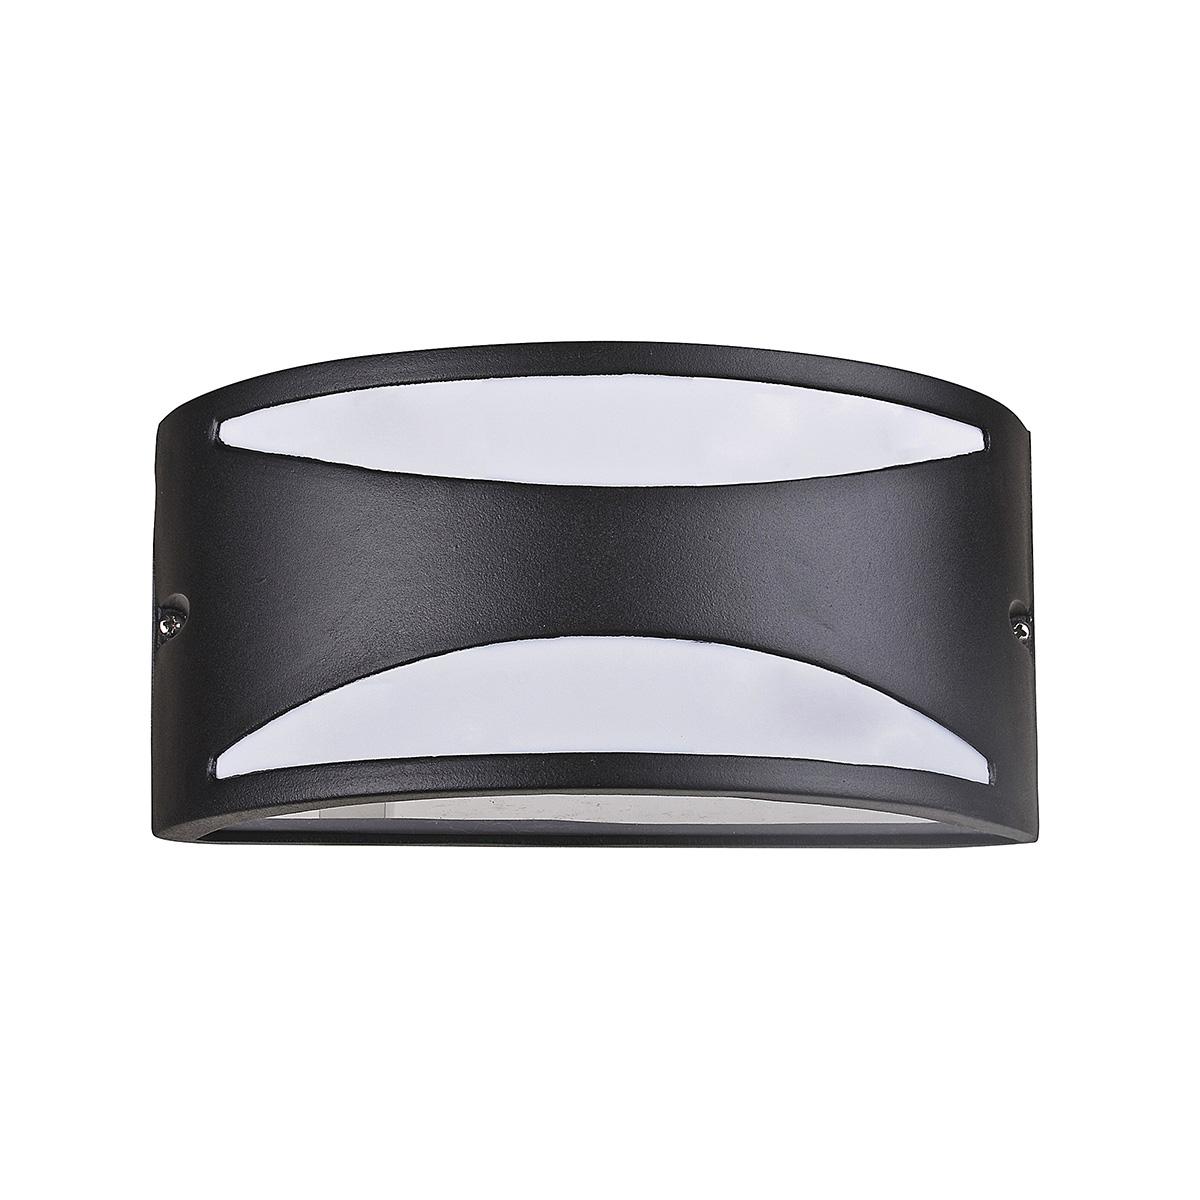 Zidna lampa Manhattan 8359 crna